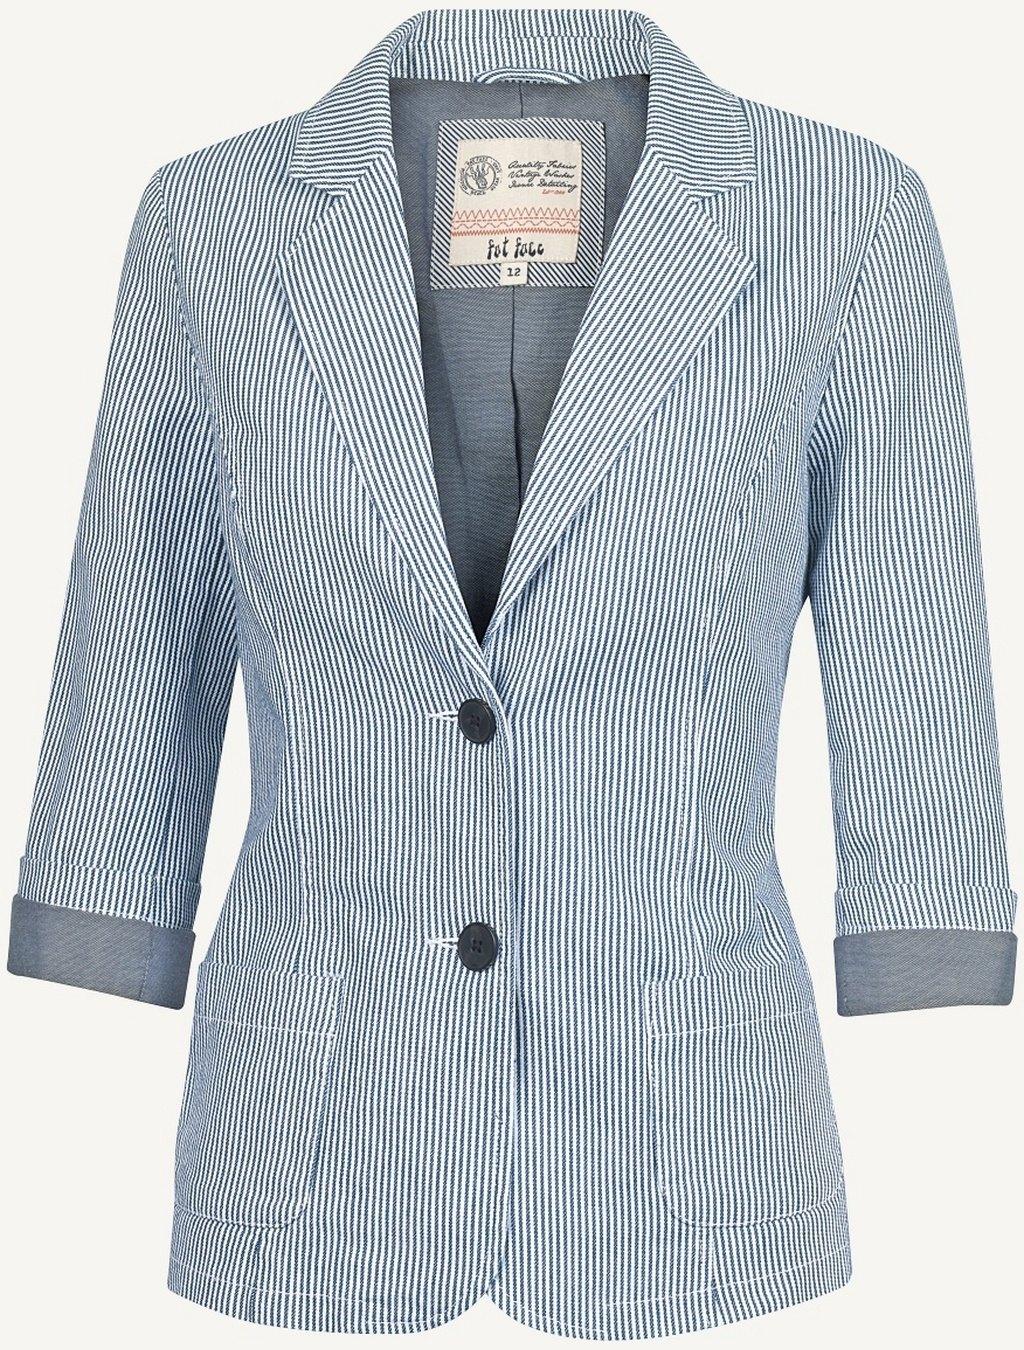 Fat Face, Striped Blazer £72